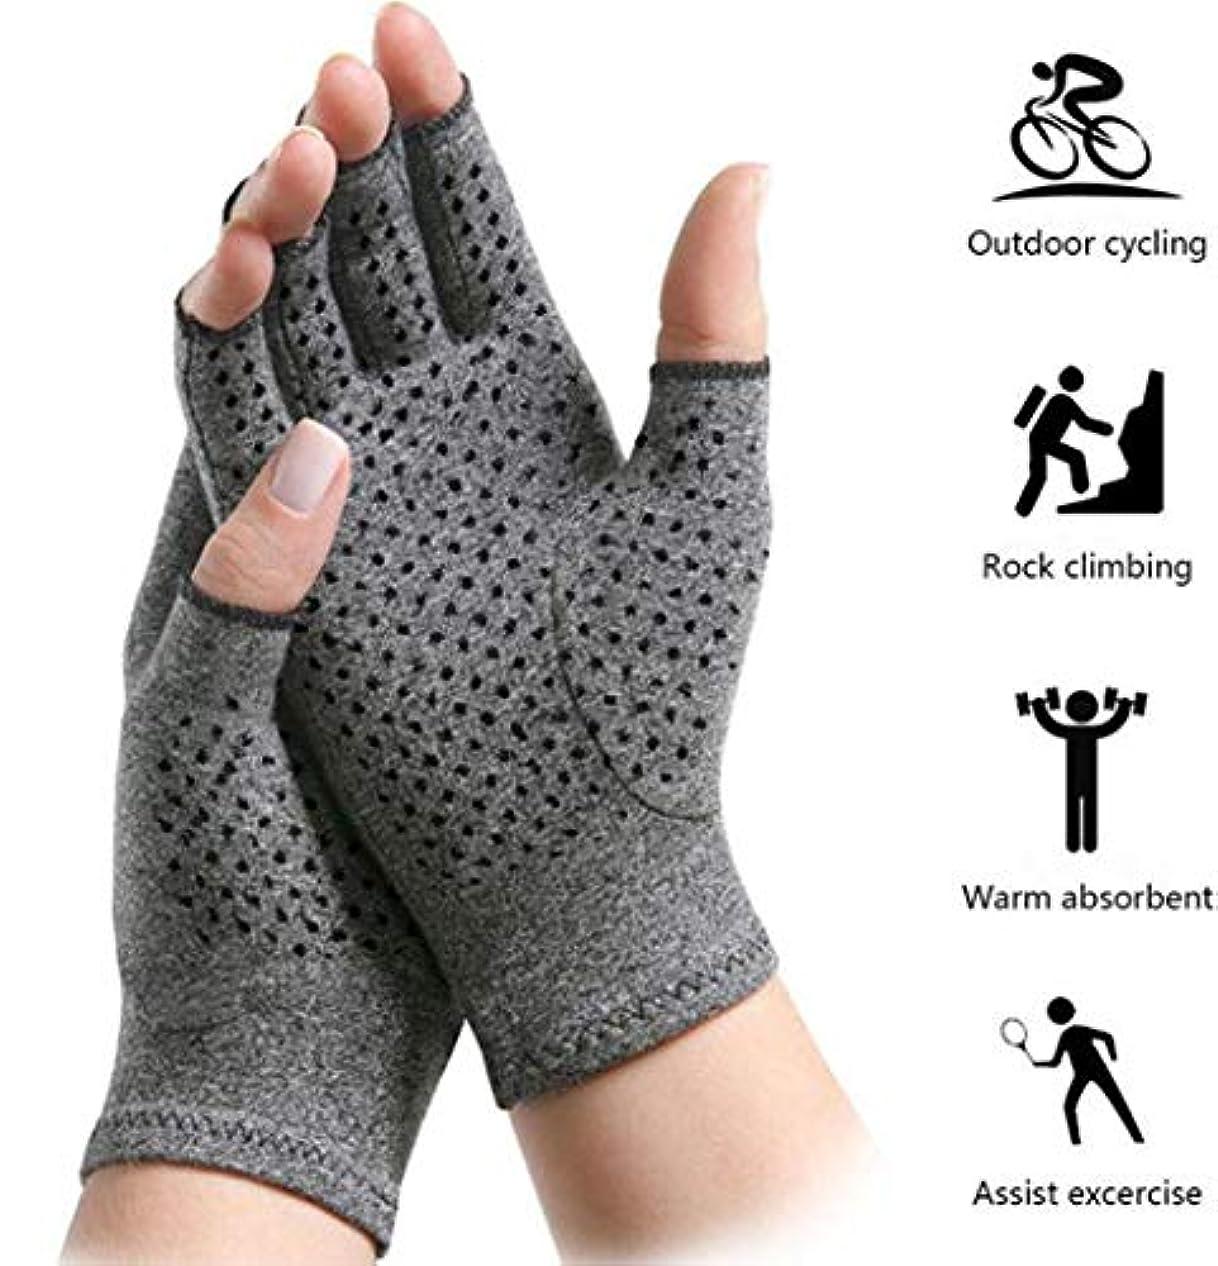 お手入れオーストラリア人強化1ペア磁気抗関節炎健康圧縮療法手袋リウマチ手痛手首サポートスポーツ安全手袋